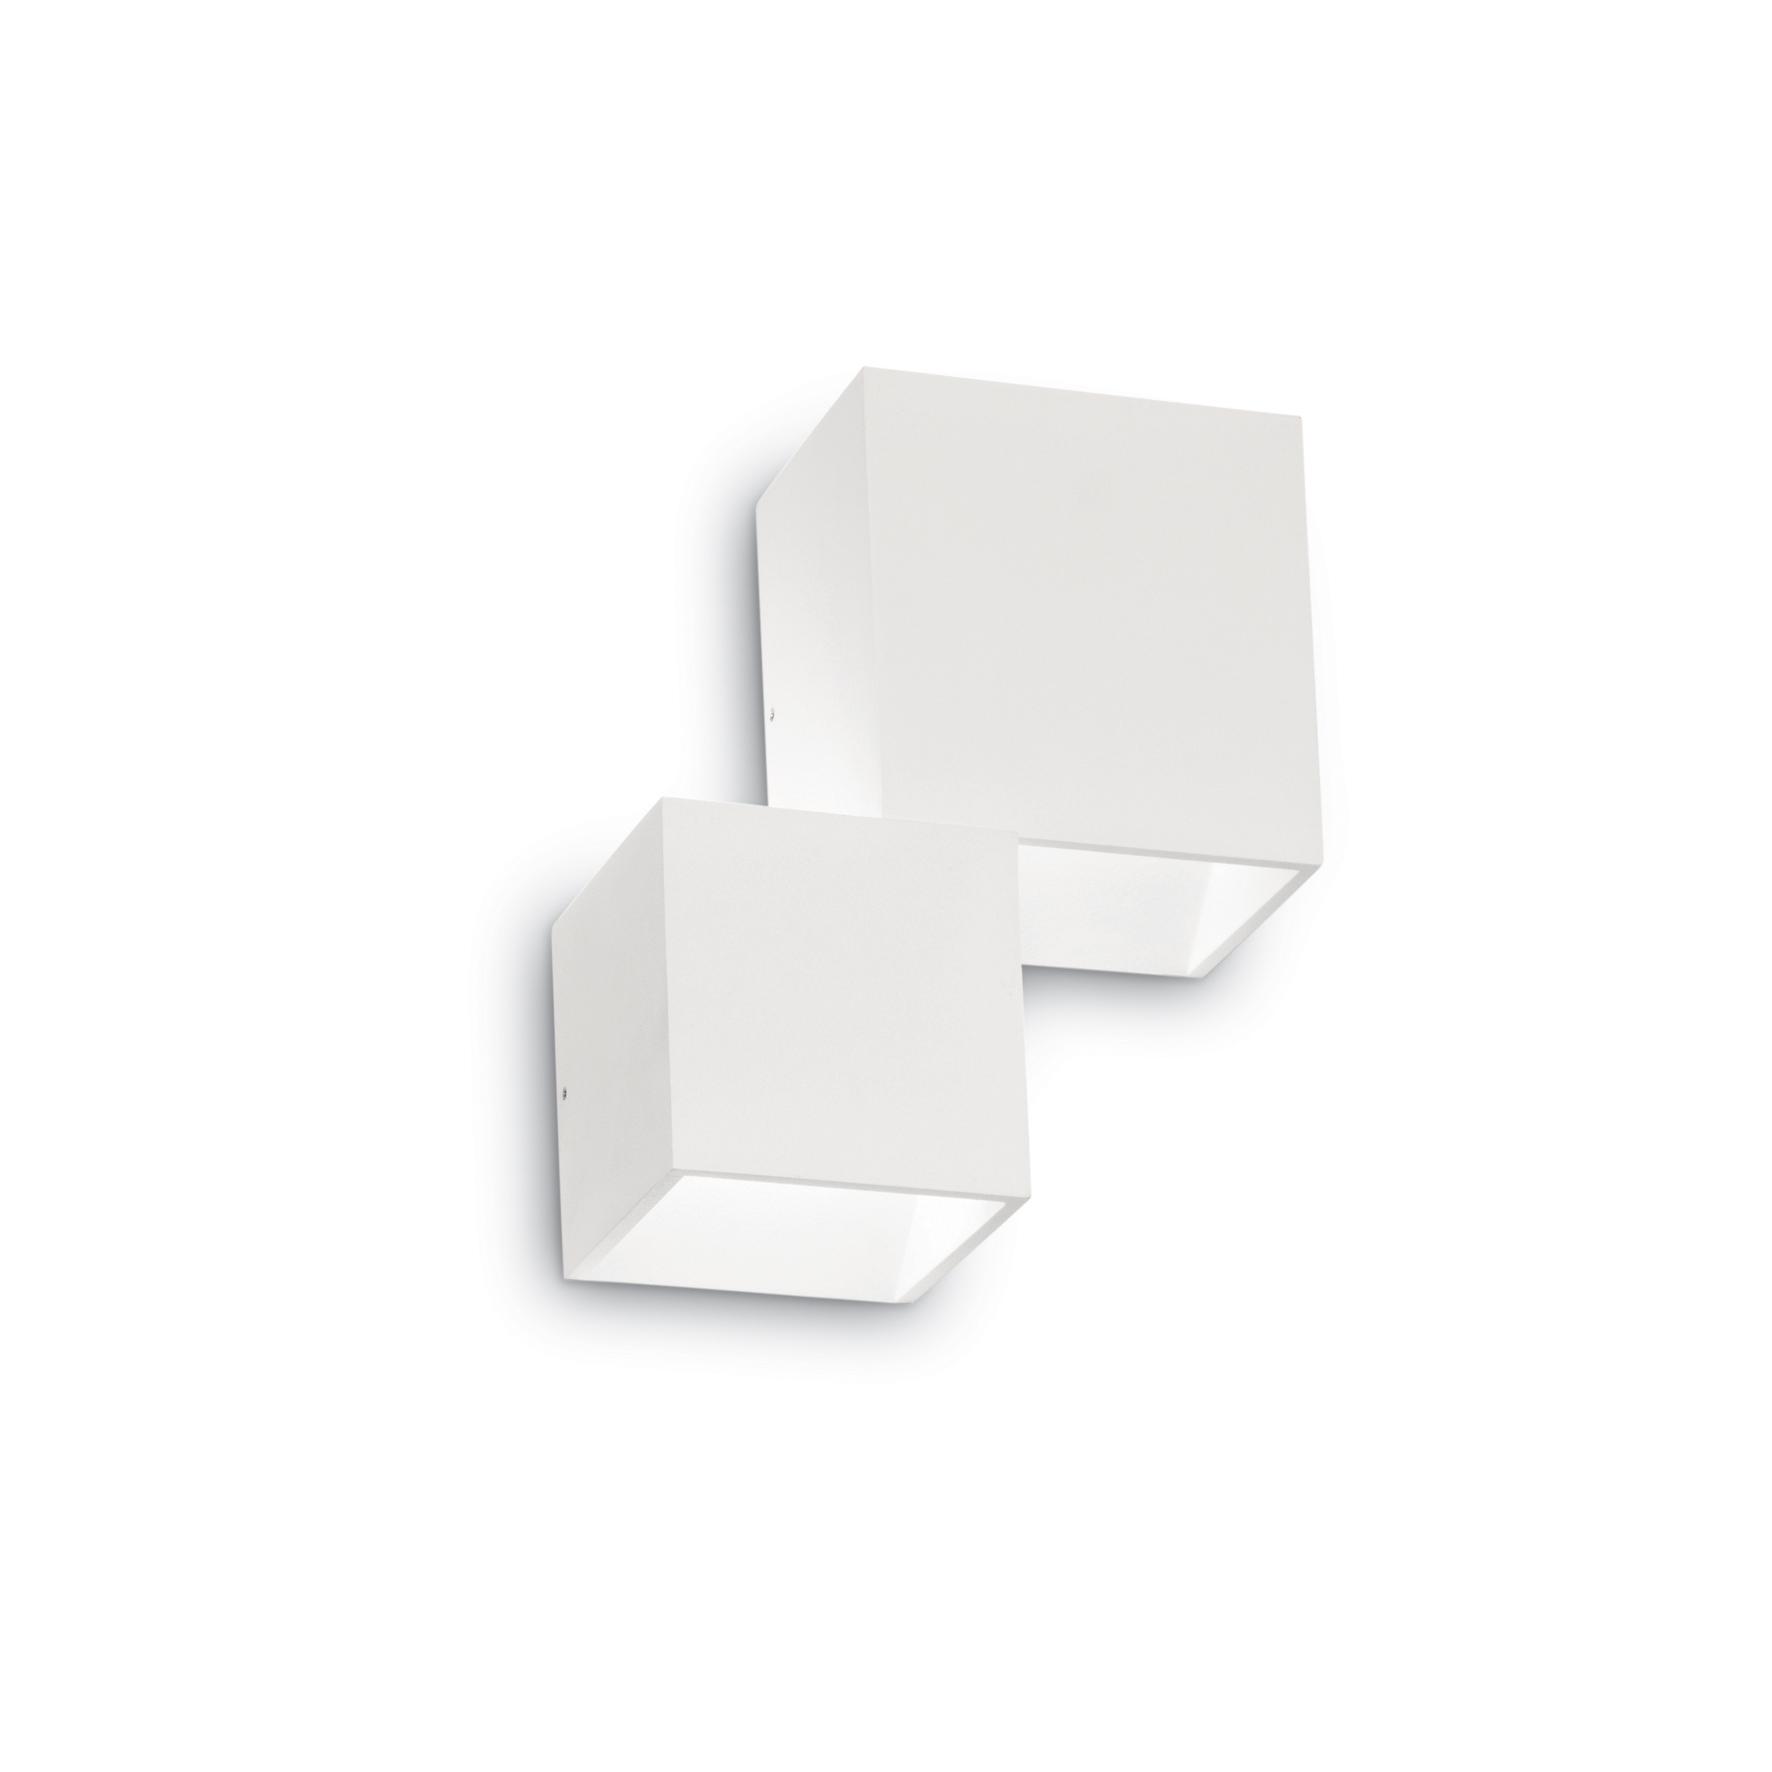 Aplica Rubik AP2 White